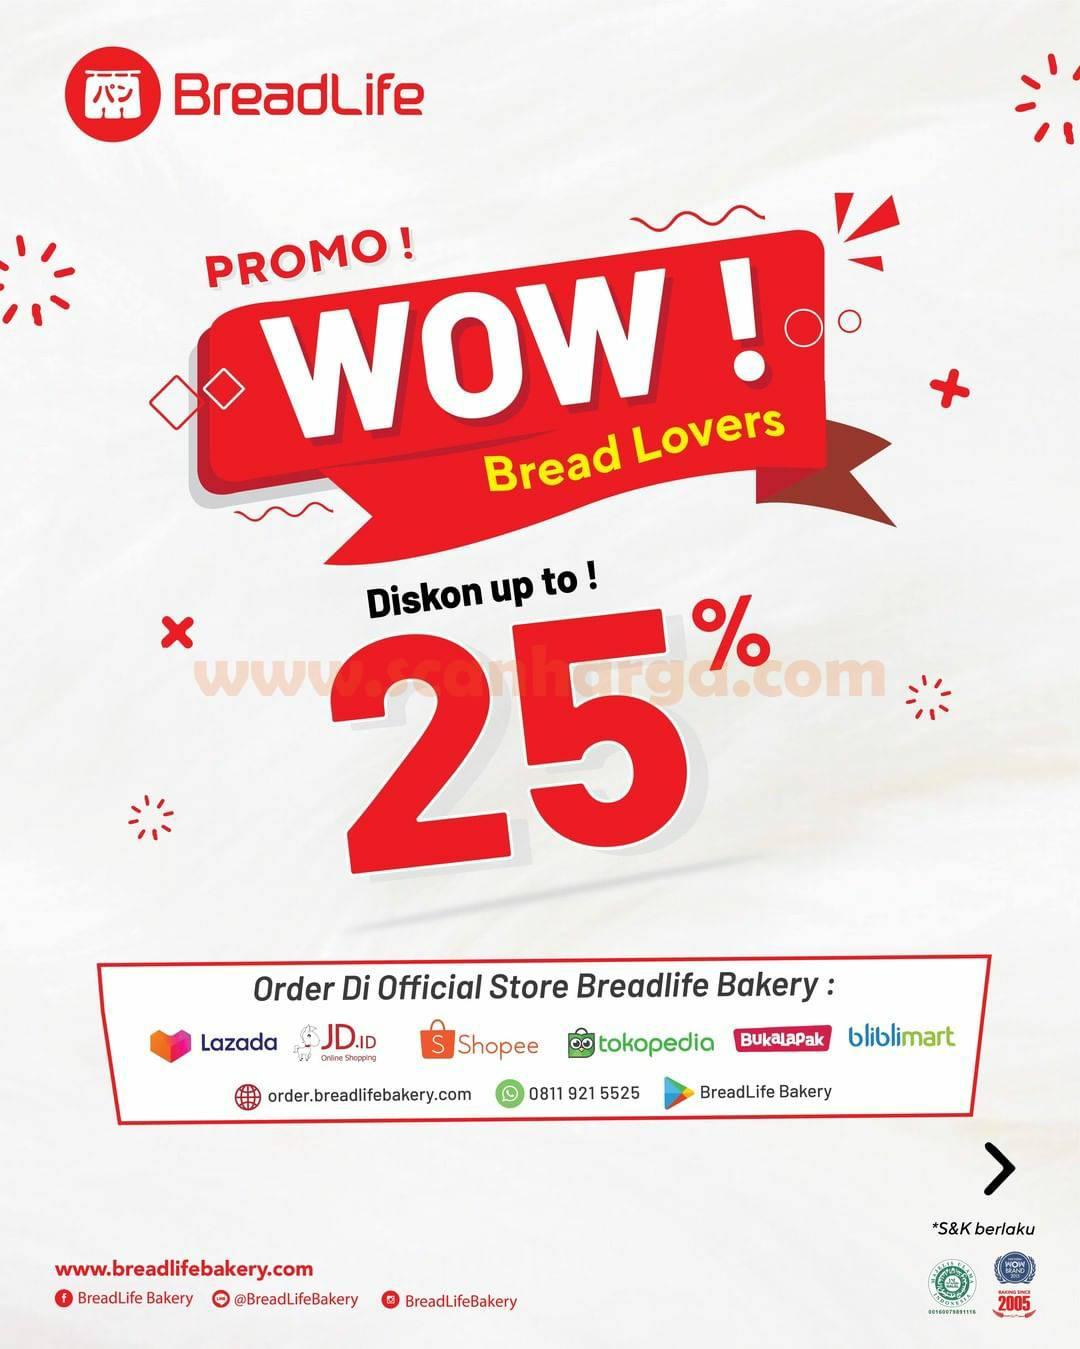 Breadlife Promo Paket Roti Diskon Hemat 25%